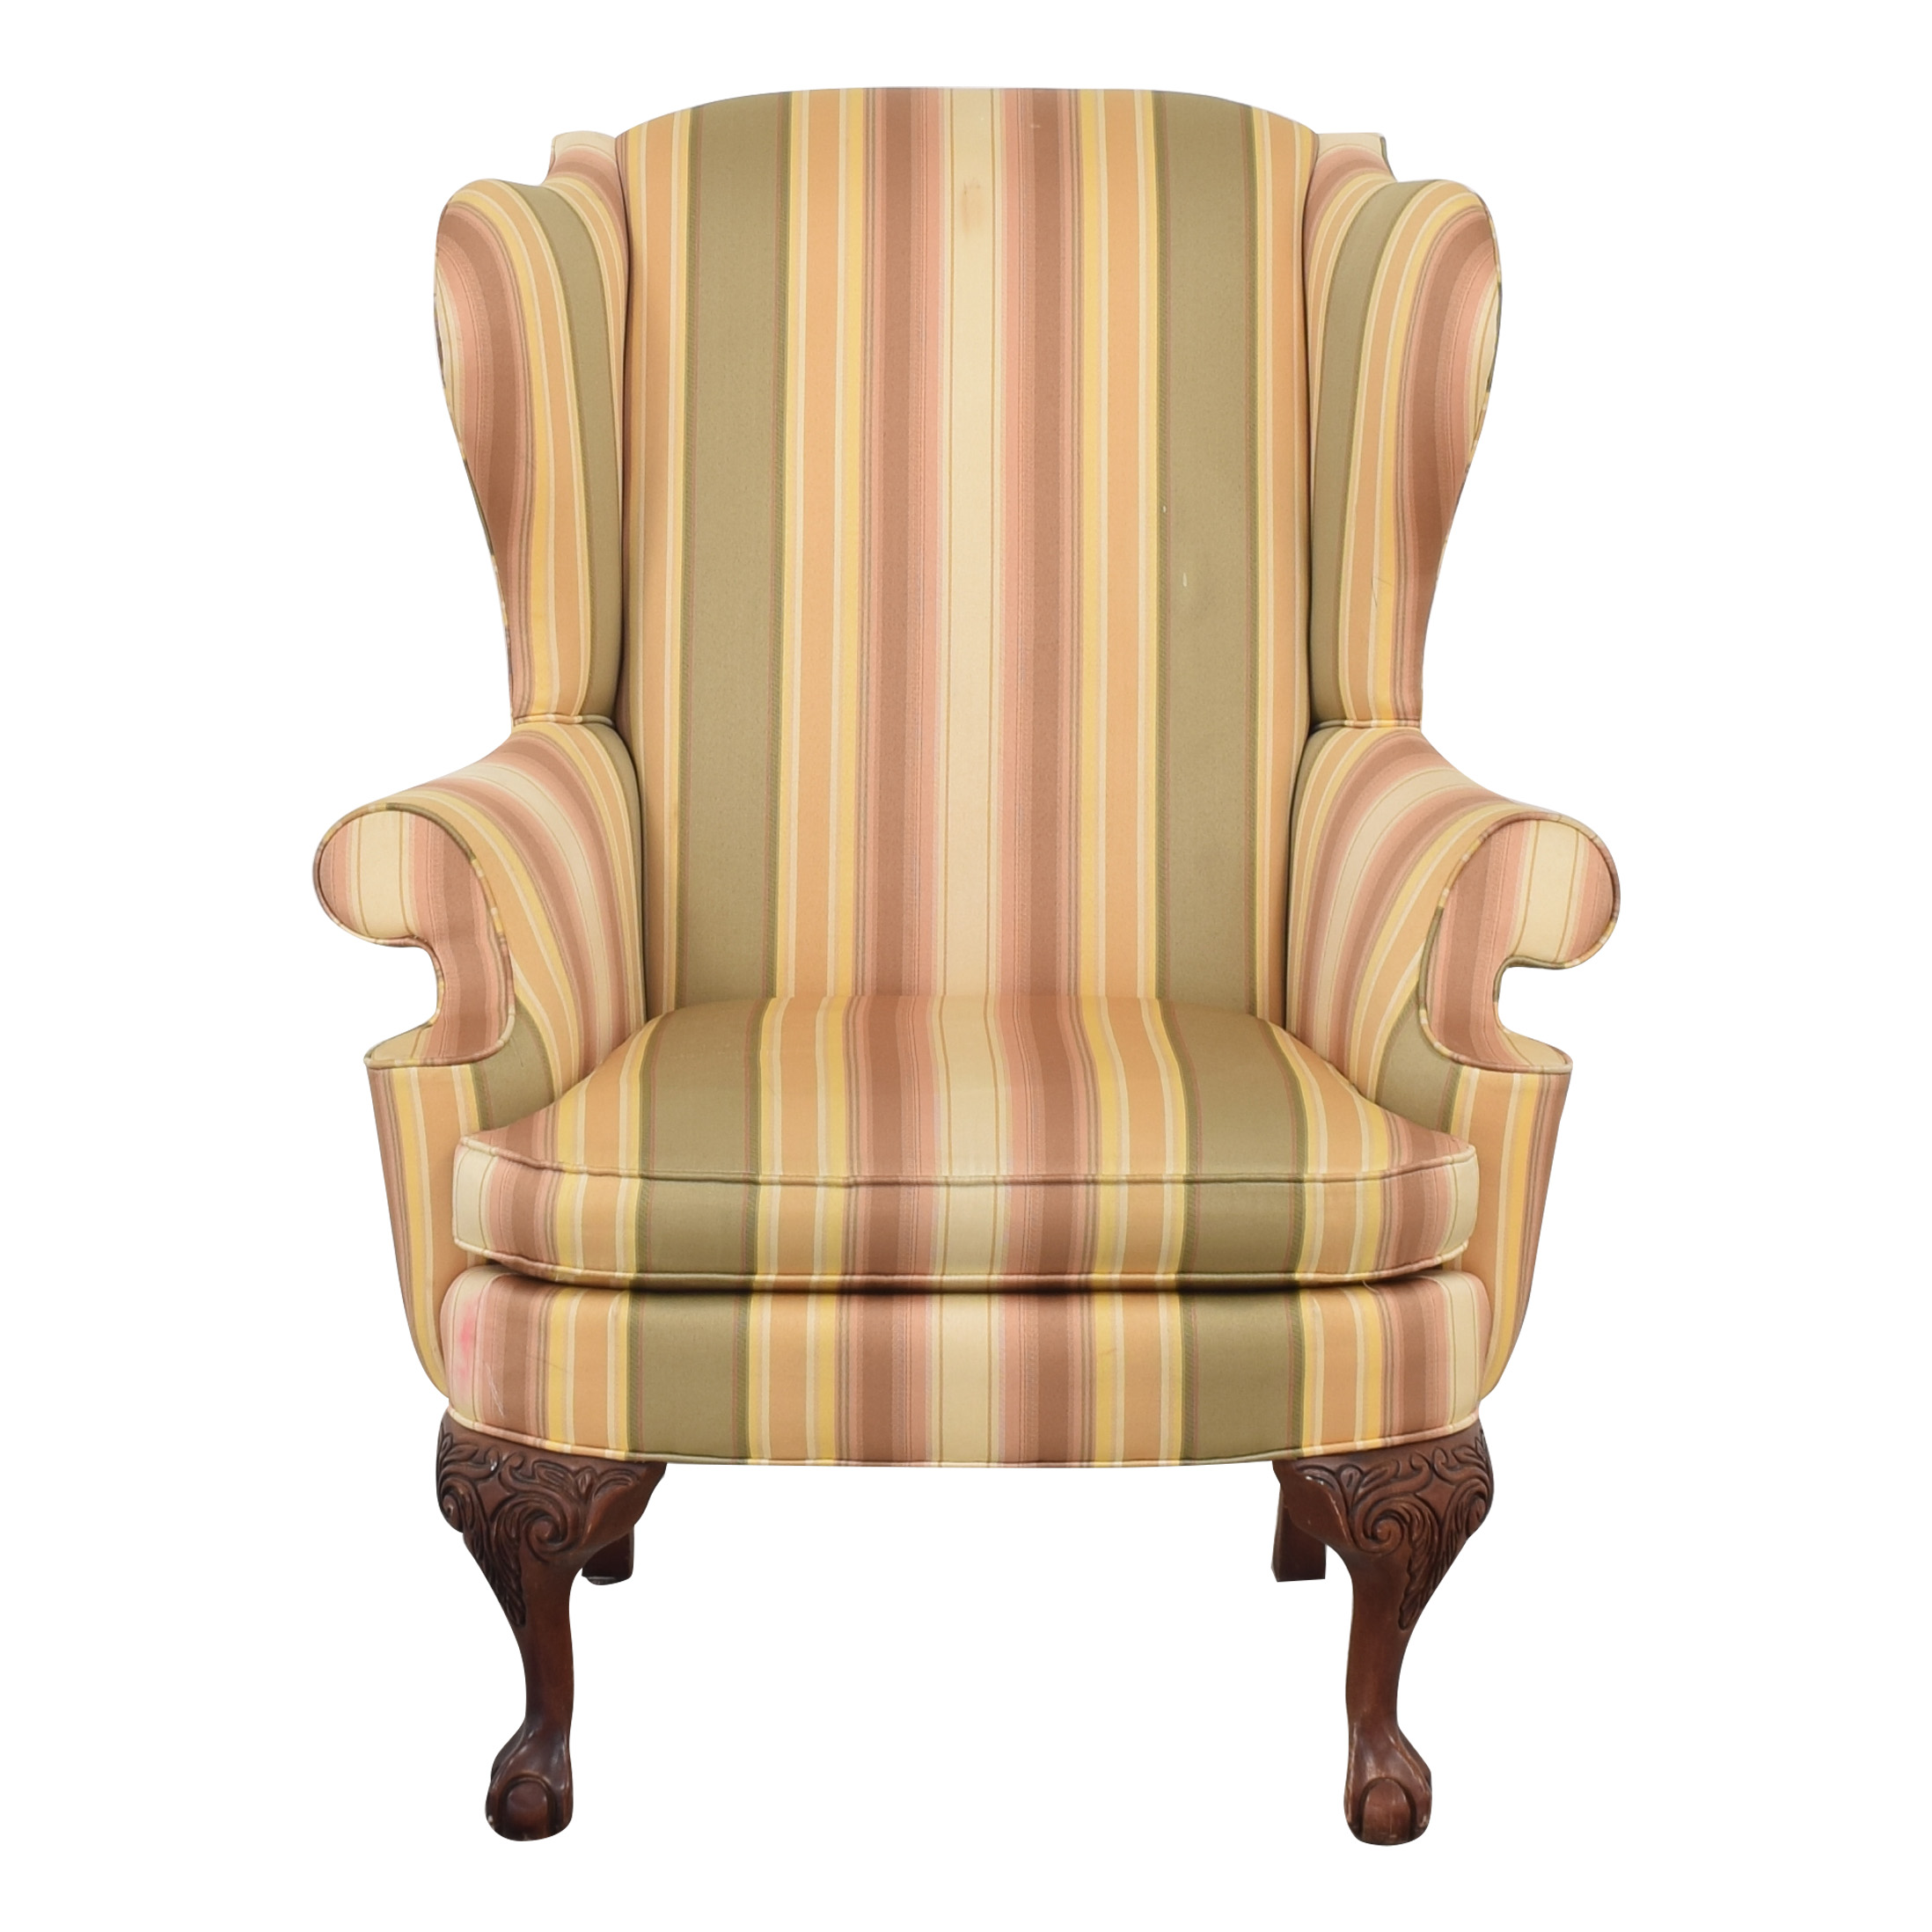 Thomasville Thomasville Wingback Chair nj